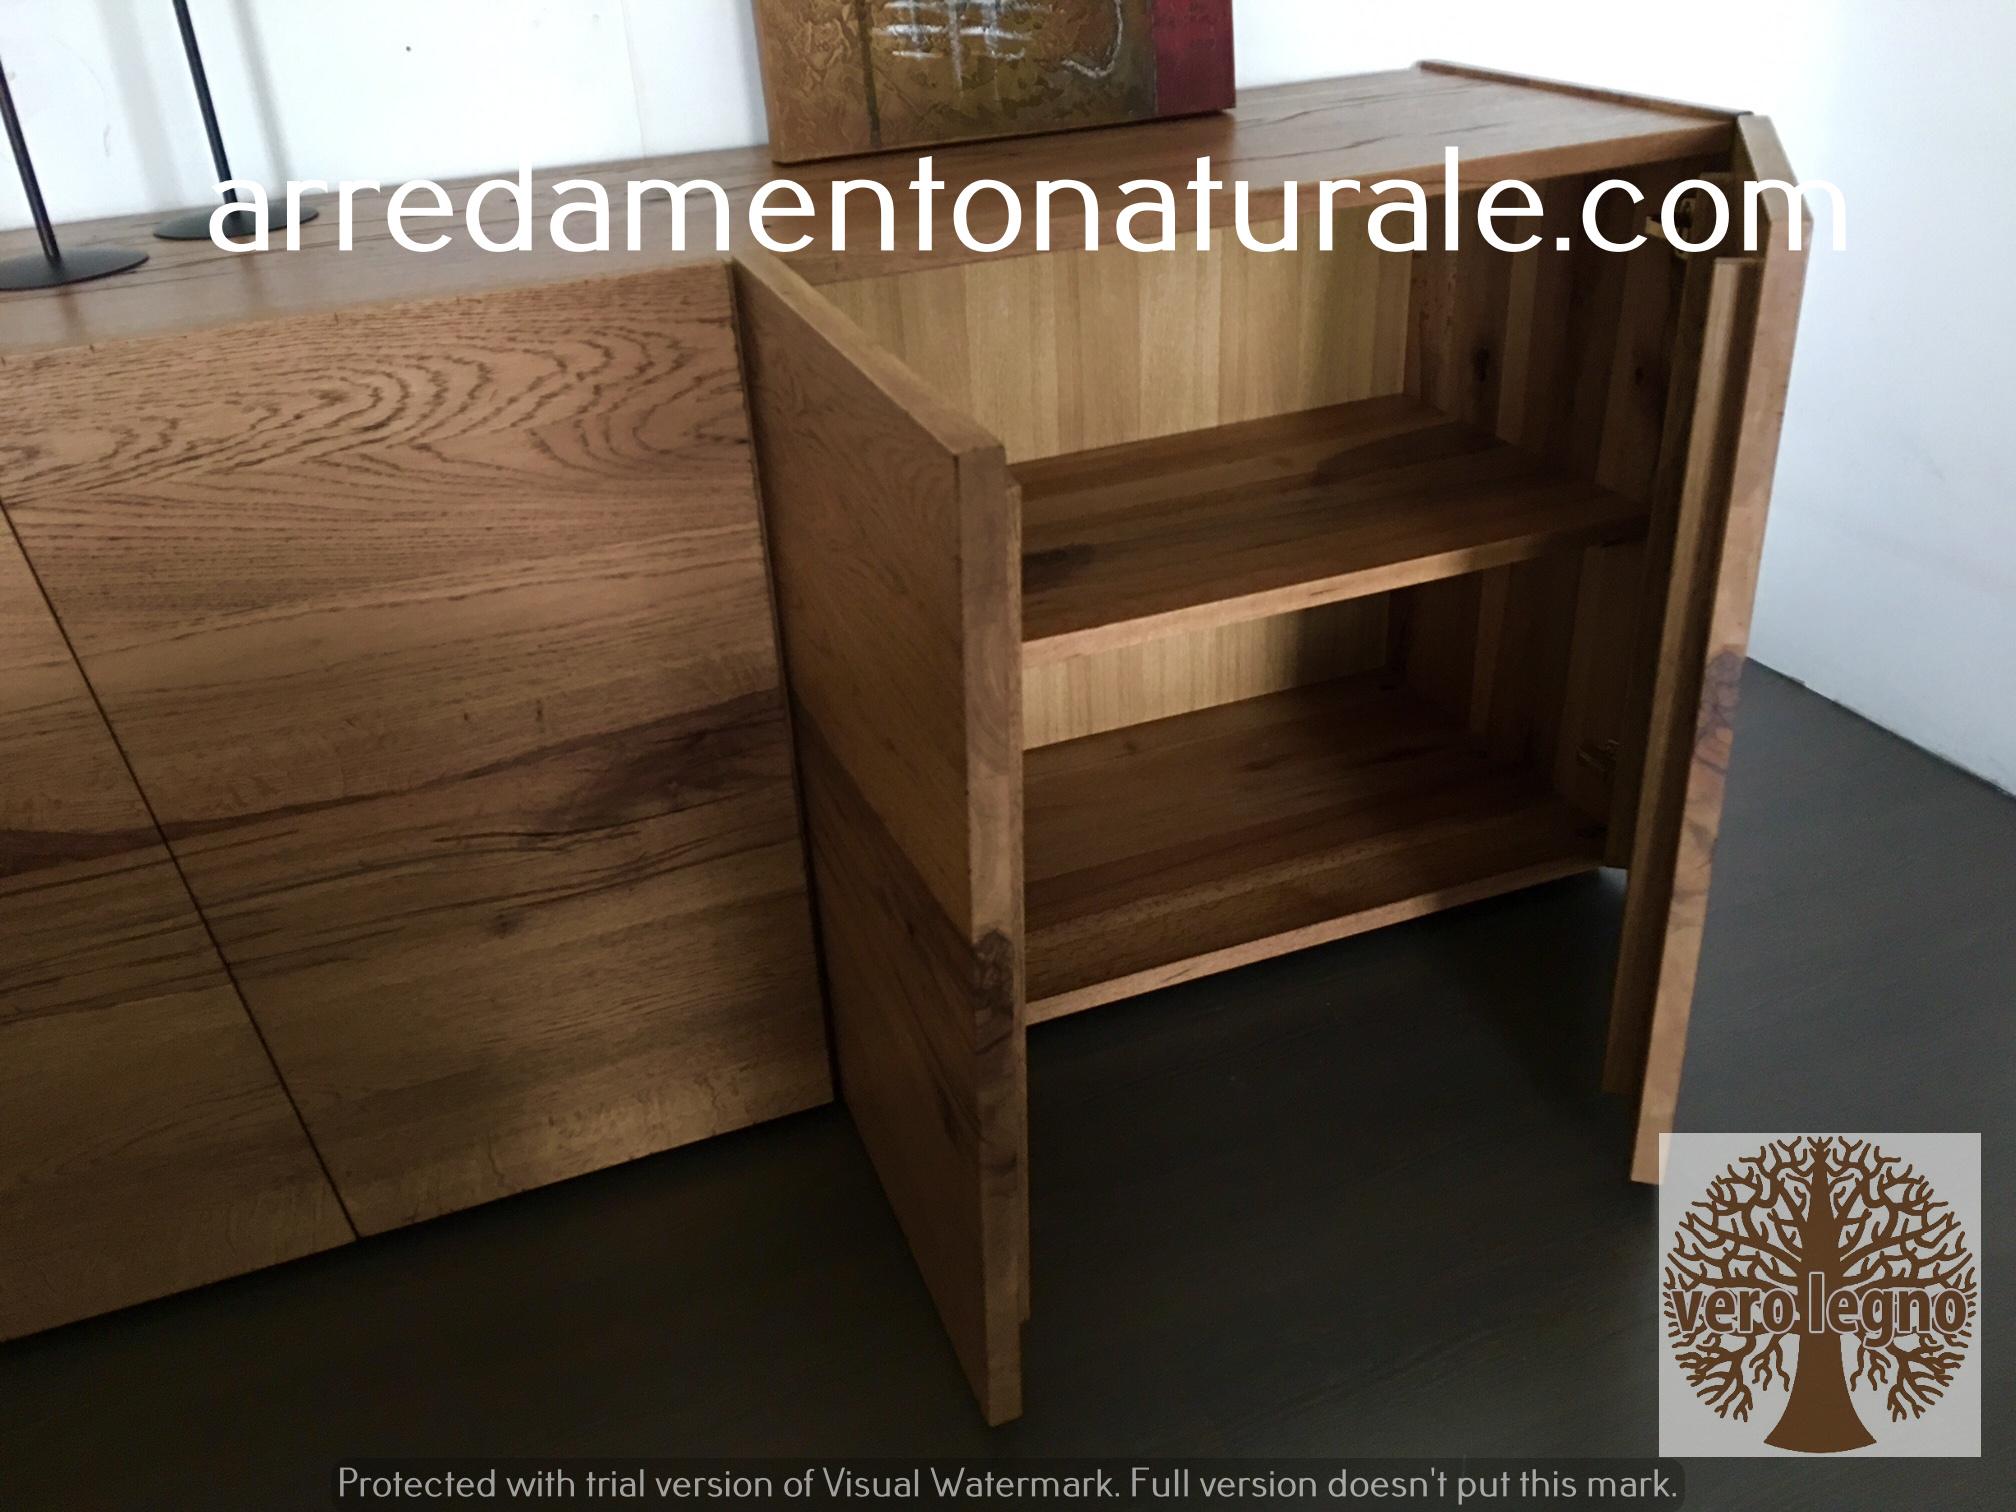 Fabbrica mobili in legno massiccio naturale - Mobili bagno legno massiccio ...